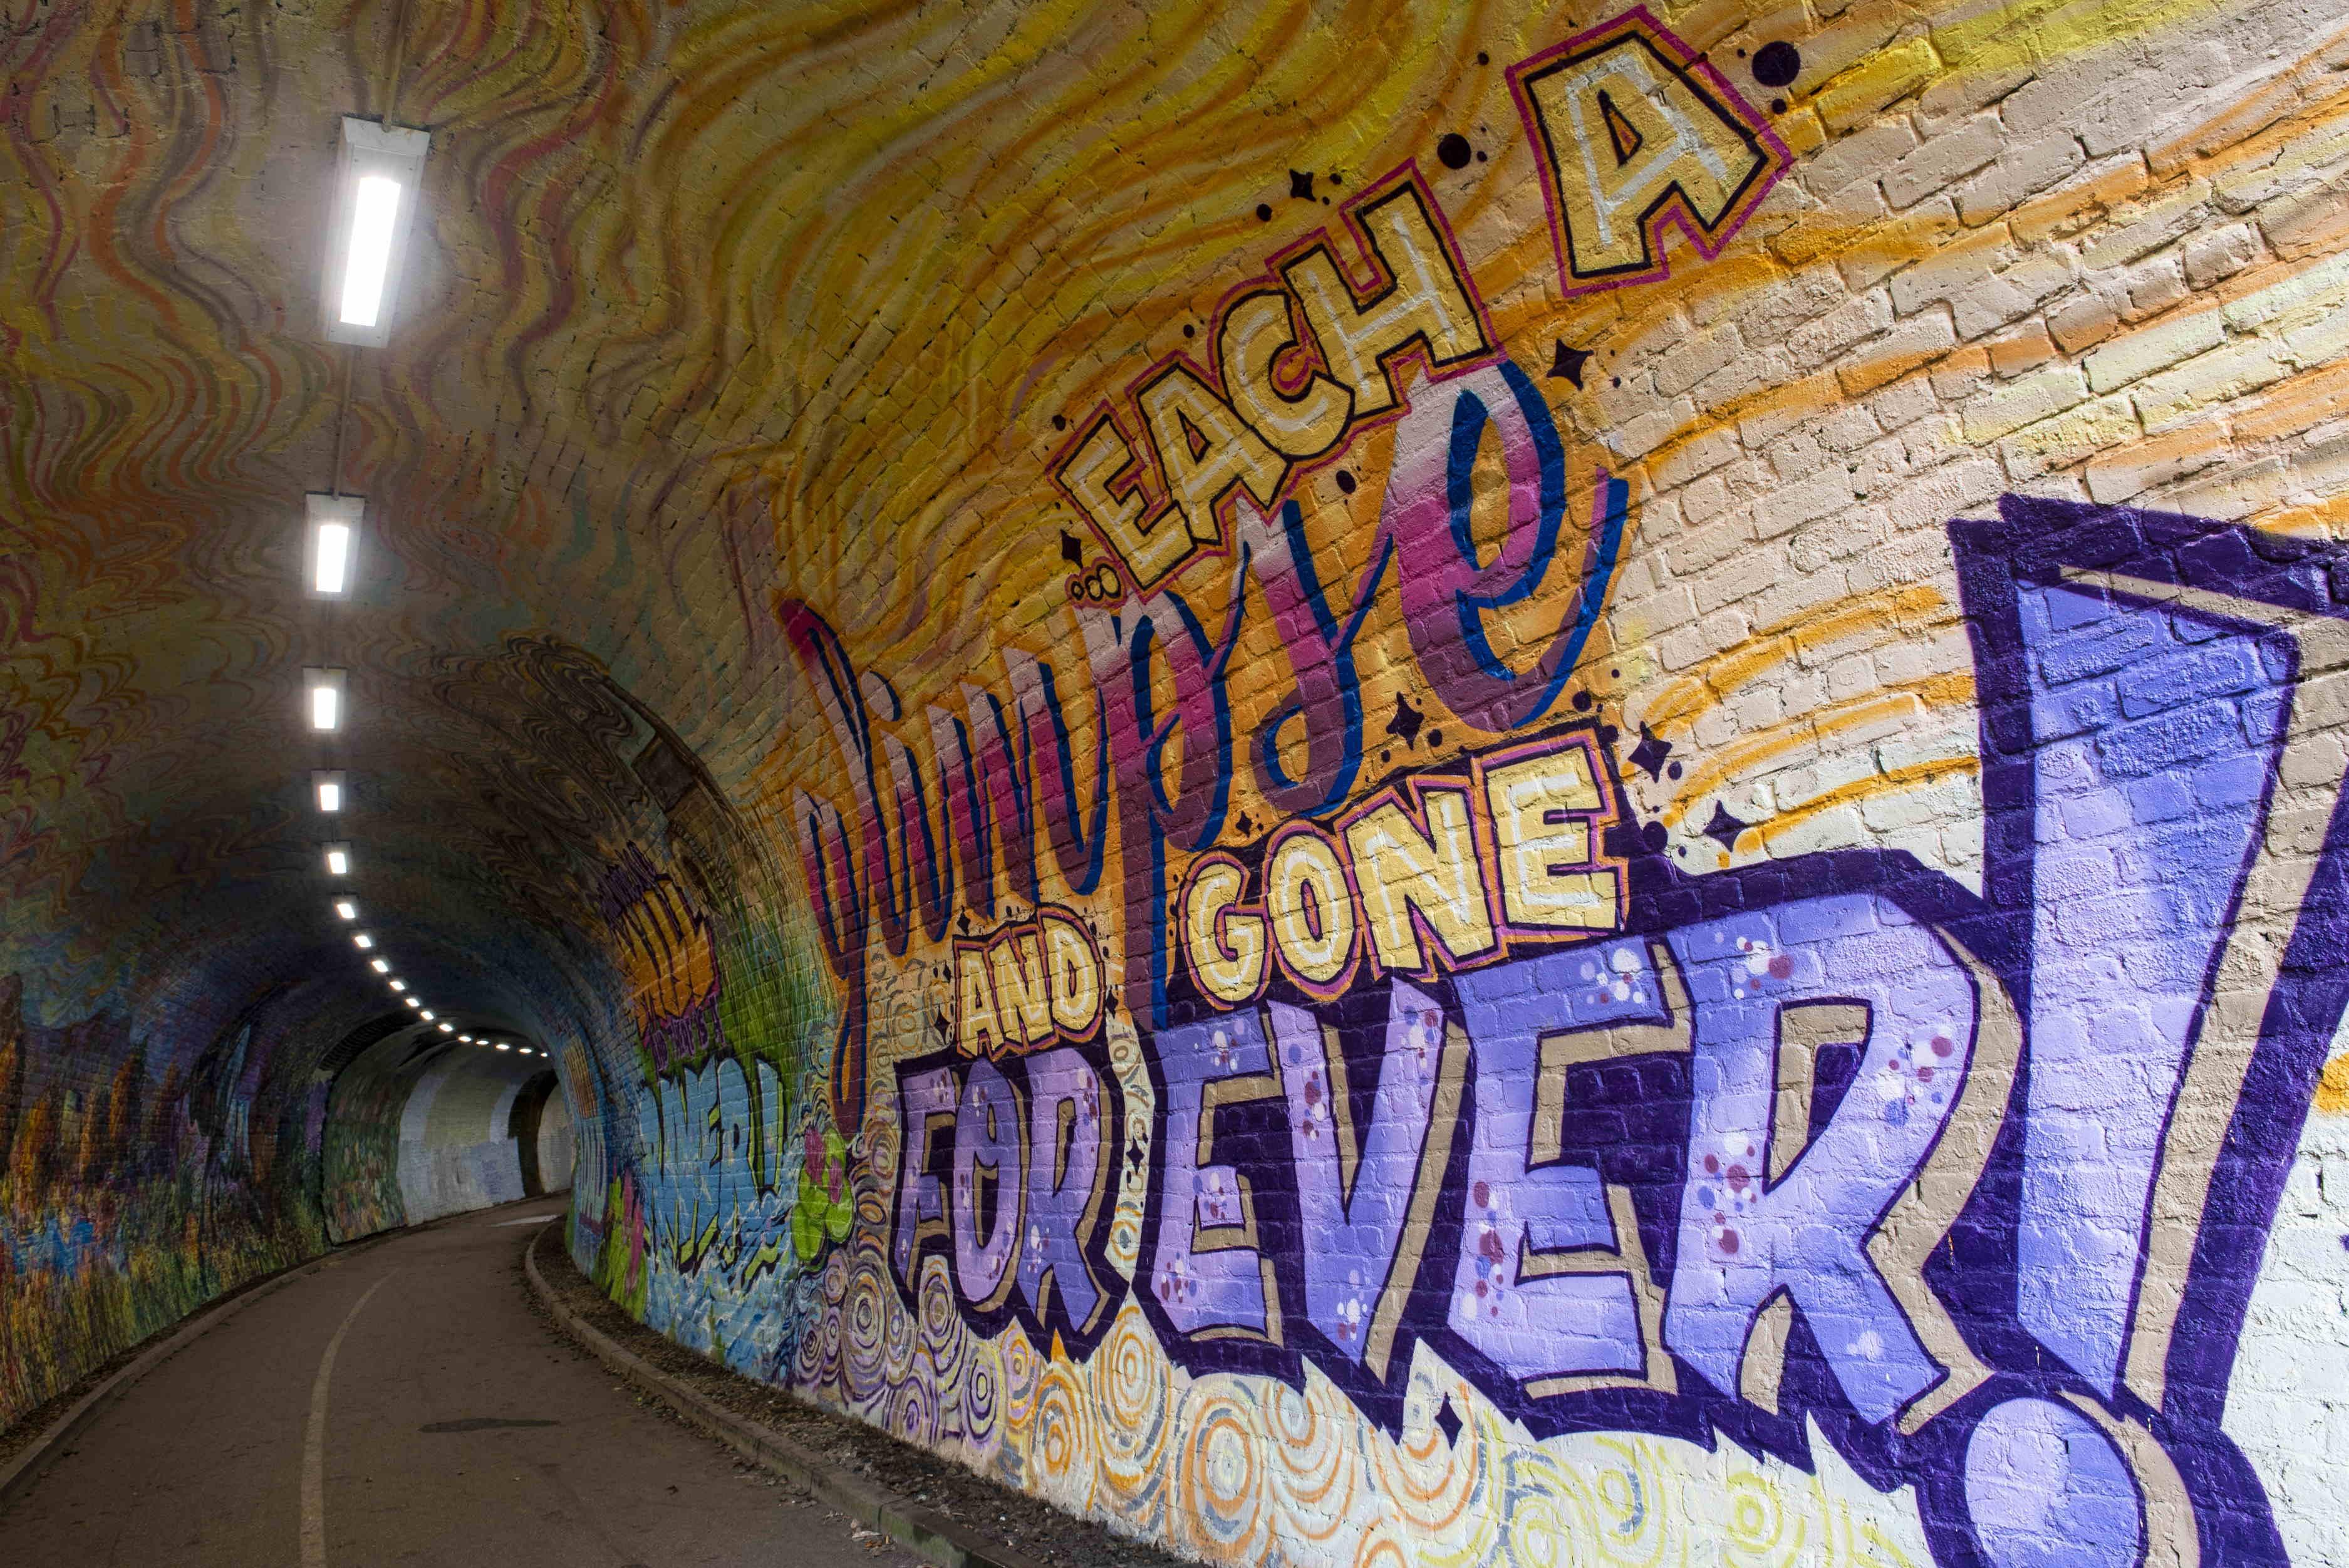 Colinton Tunnel - Titan (5)